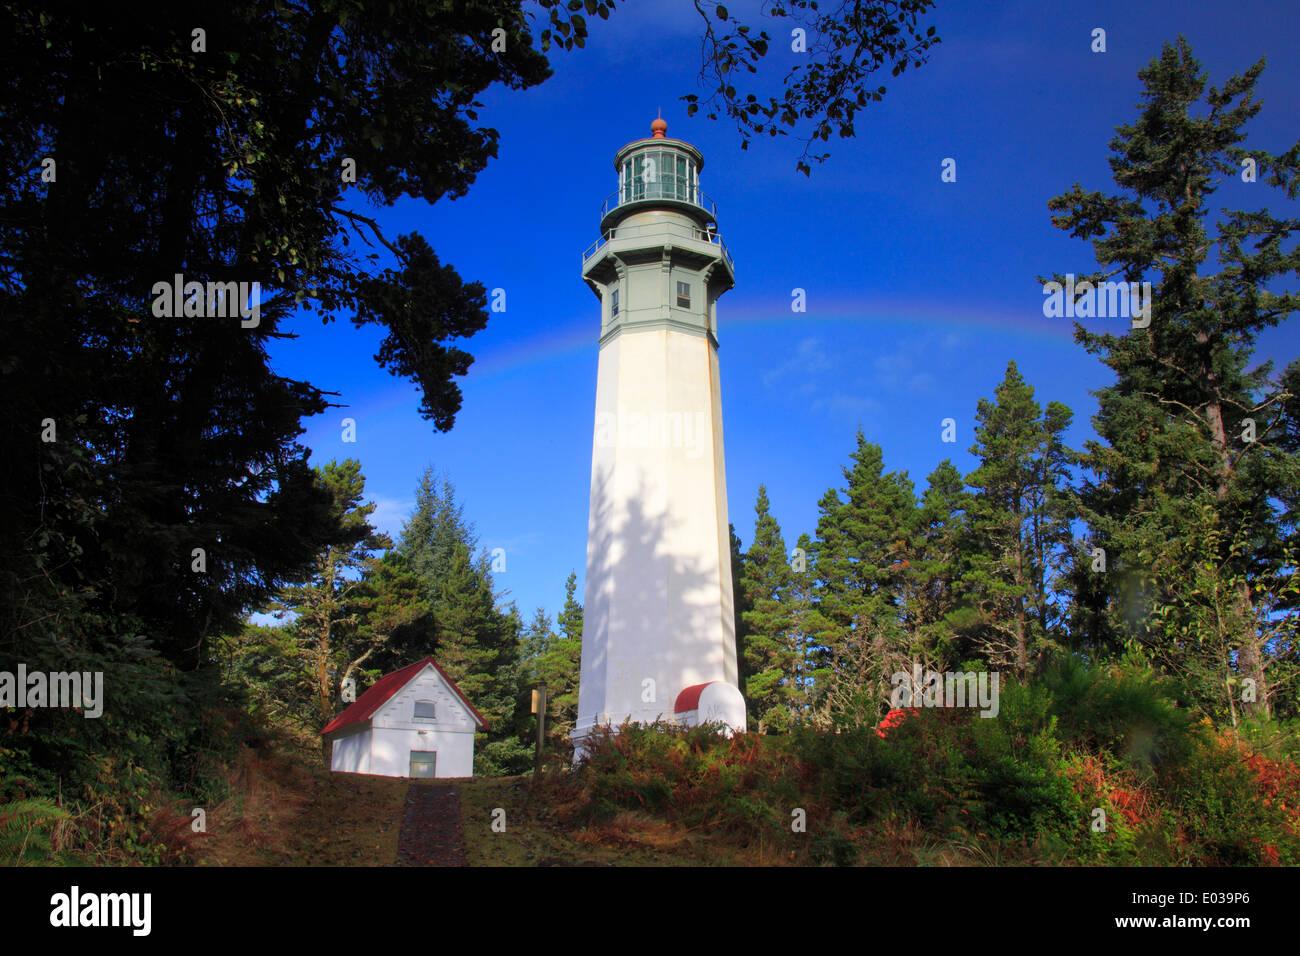 Grays Harbor Lighthouse at sunrise, Washington, US - Stock Image